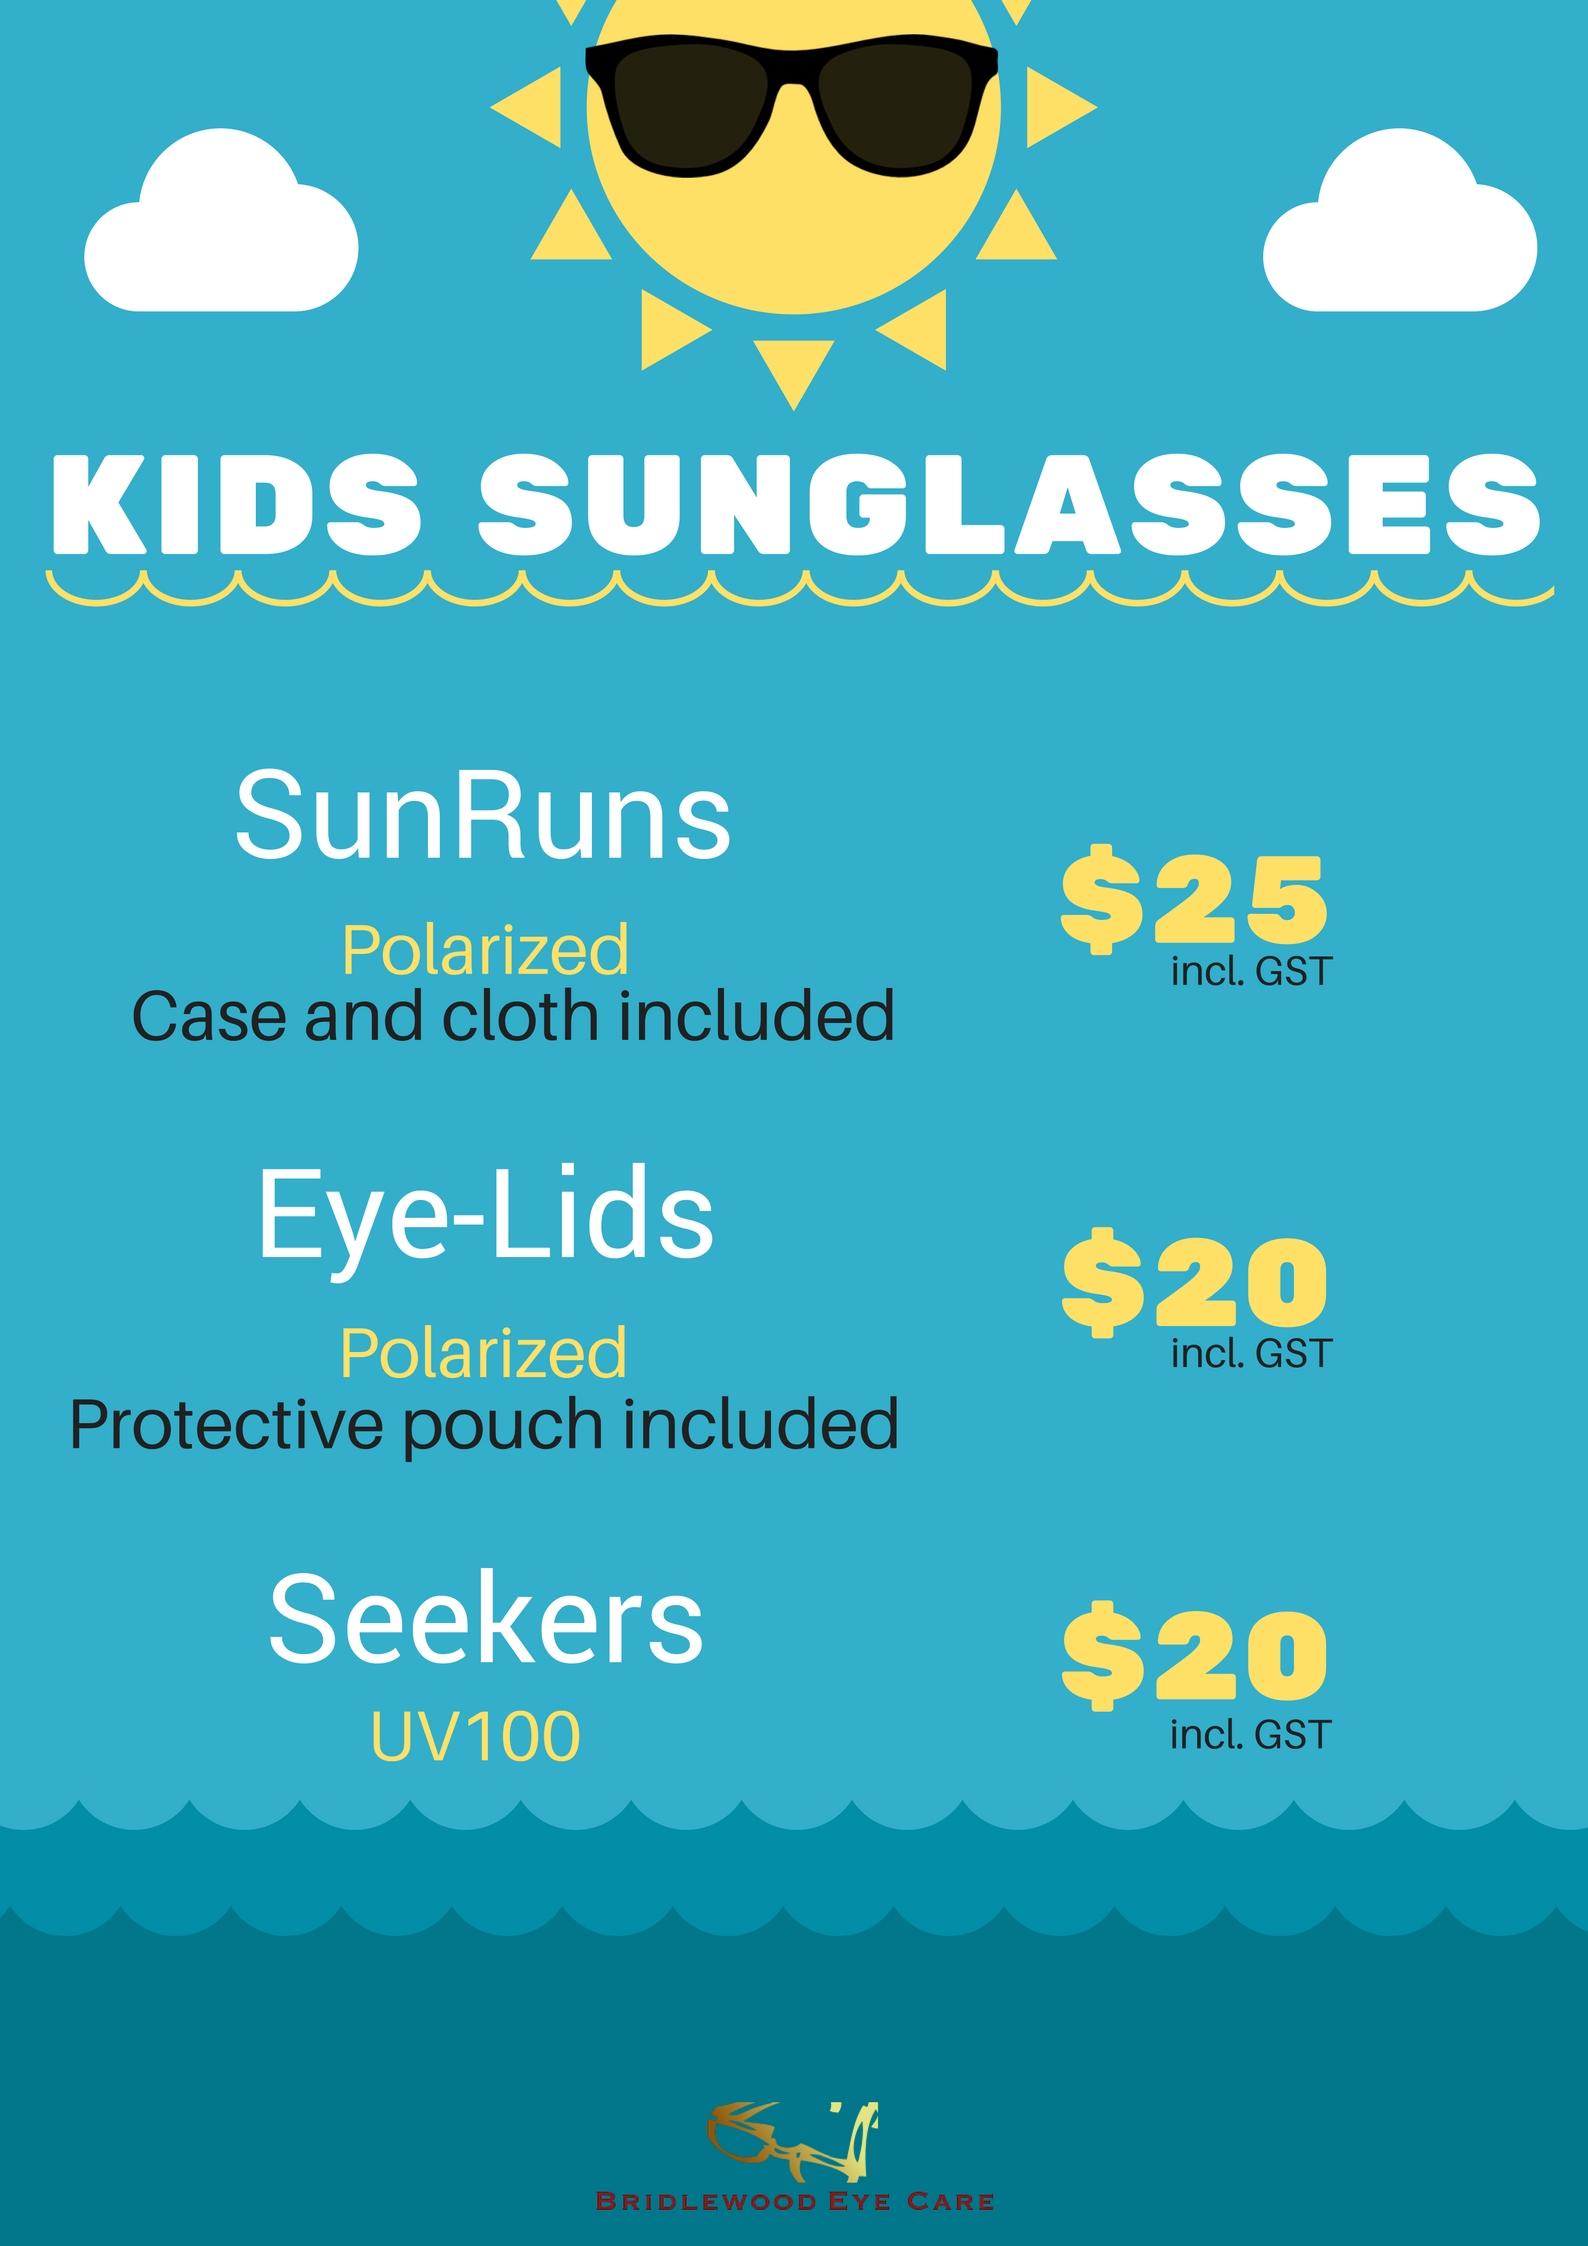 Bridlewood Kids sunglasses 2018